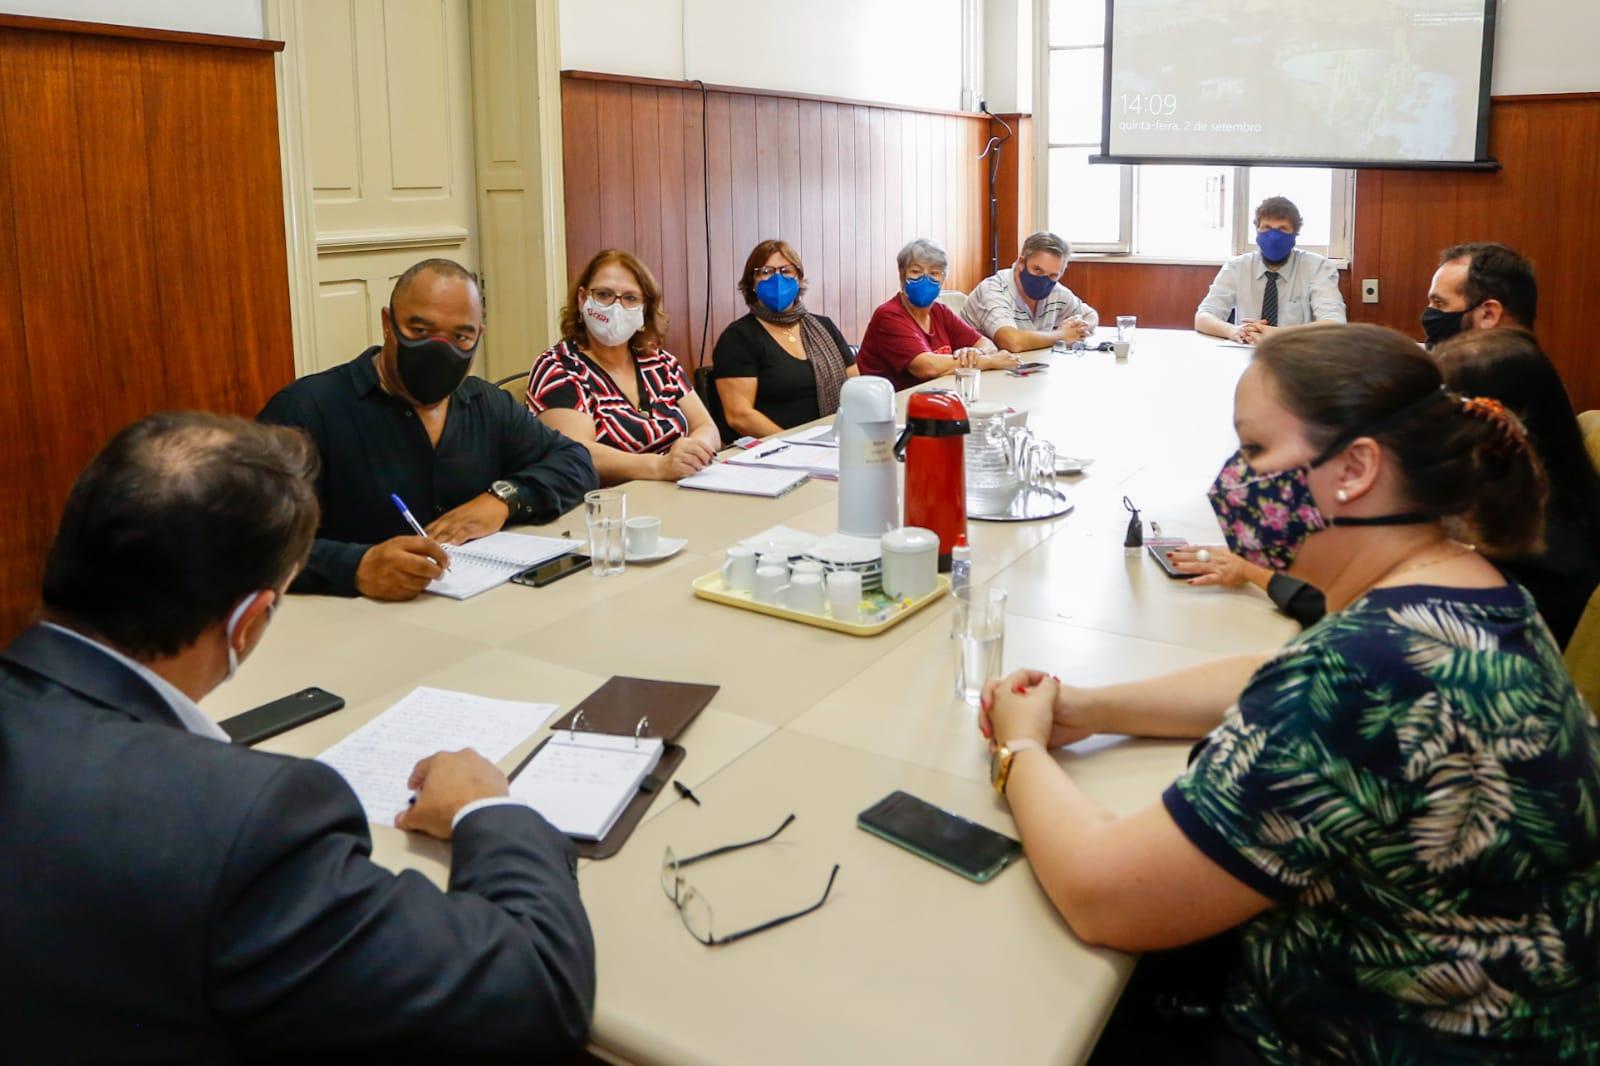 Em reunião com a Sefaz, CPERS cobra explicações sobre descontos e demora nas aposentadorias